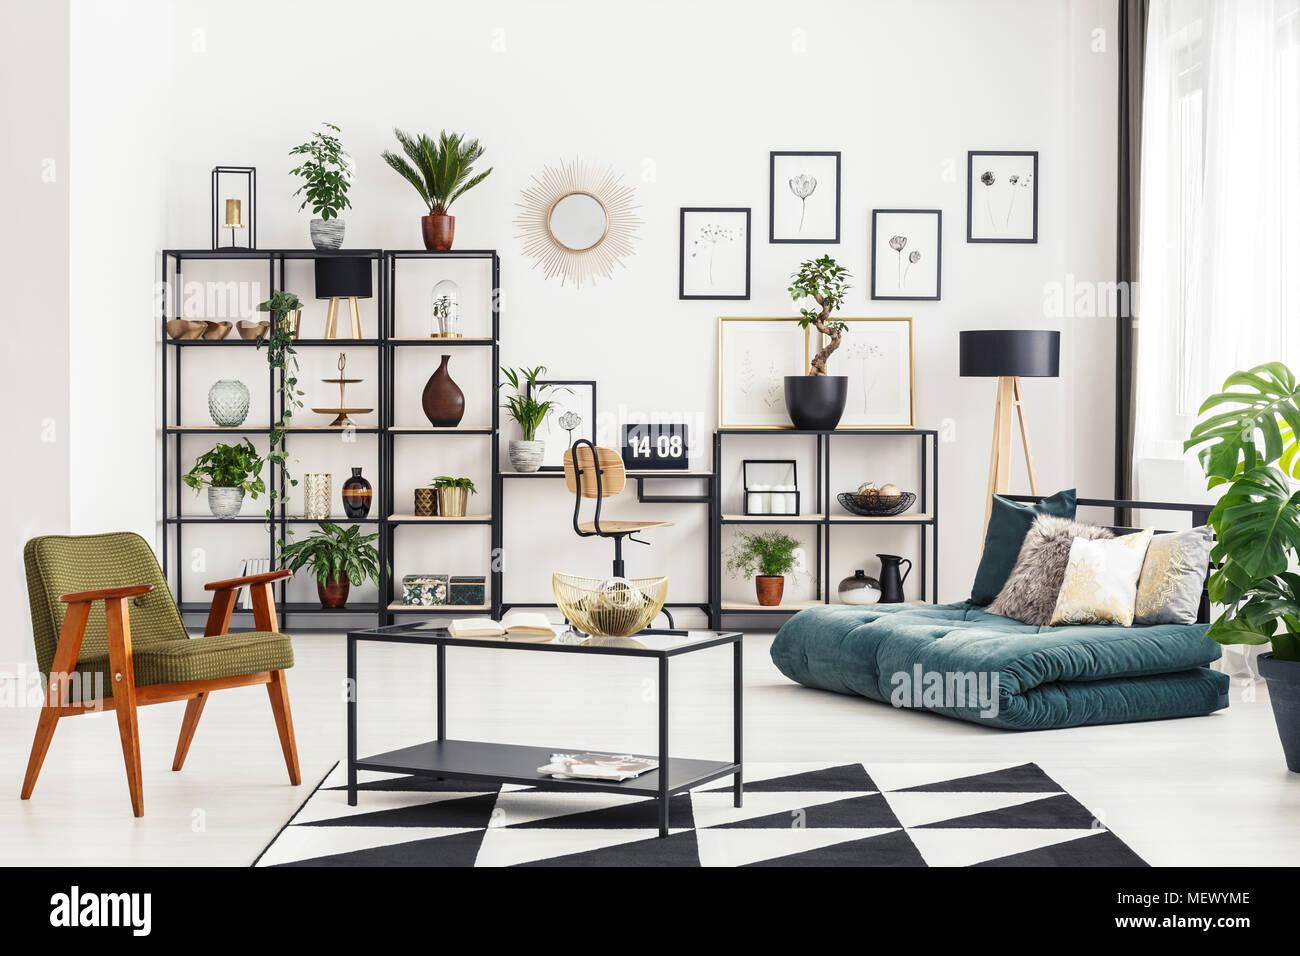 Scrivania Angolo Ufficio : Home angolo ufficio con scrivania e computer portatile in bianco